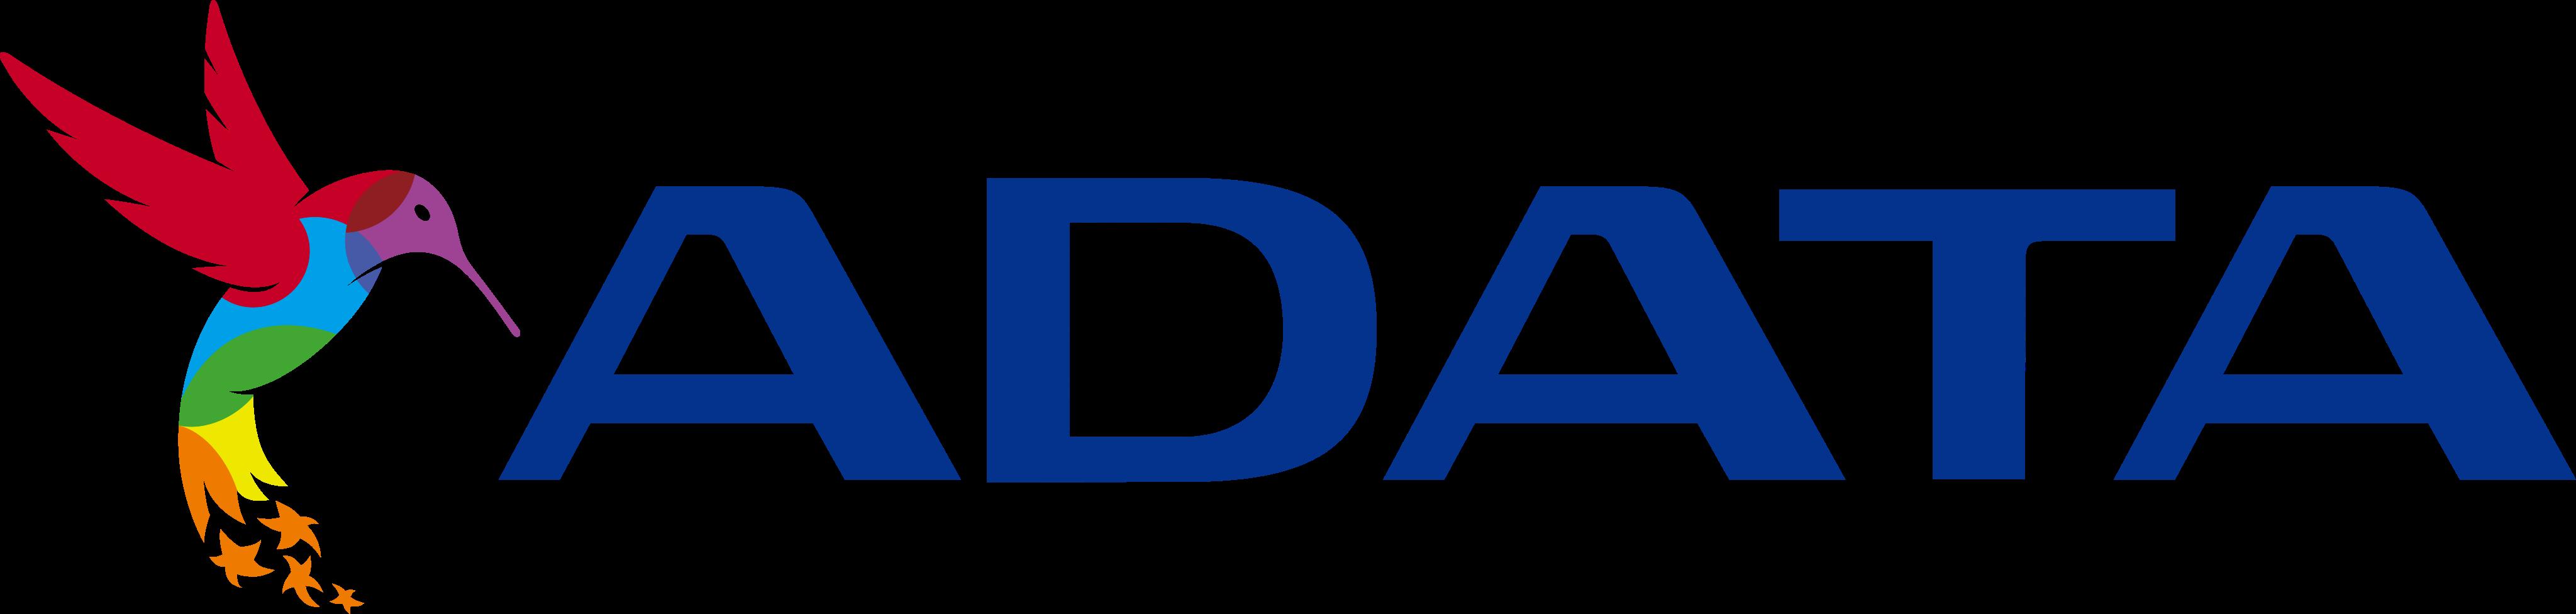 adata logo - ADATA Logo